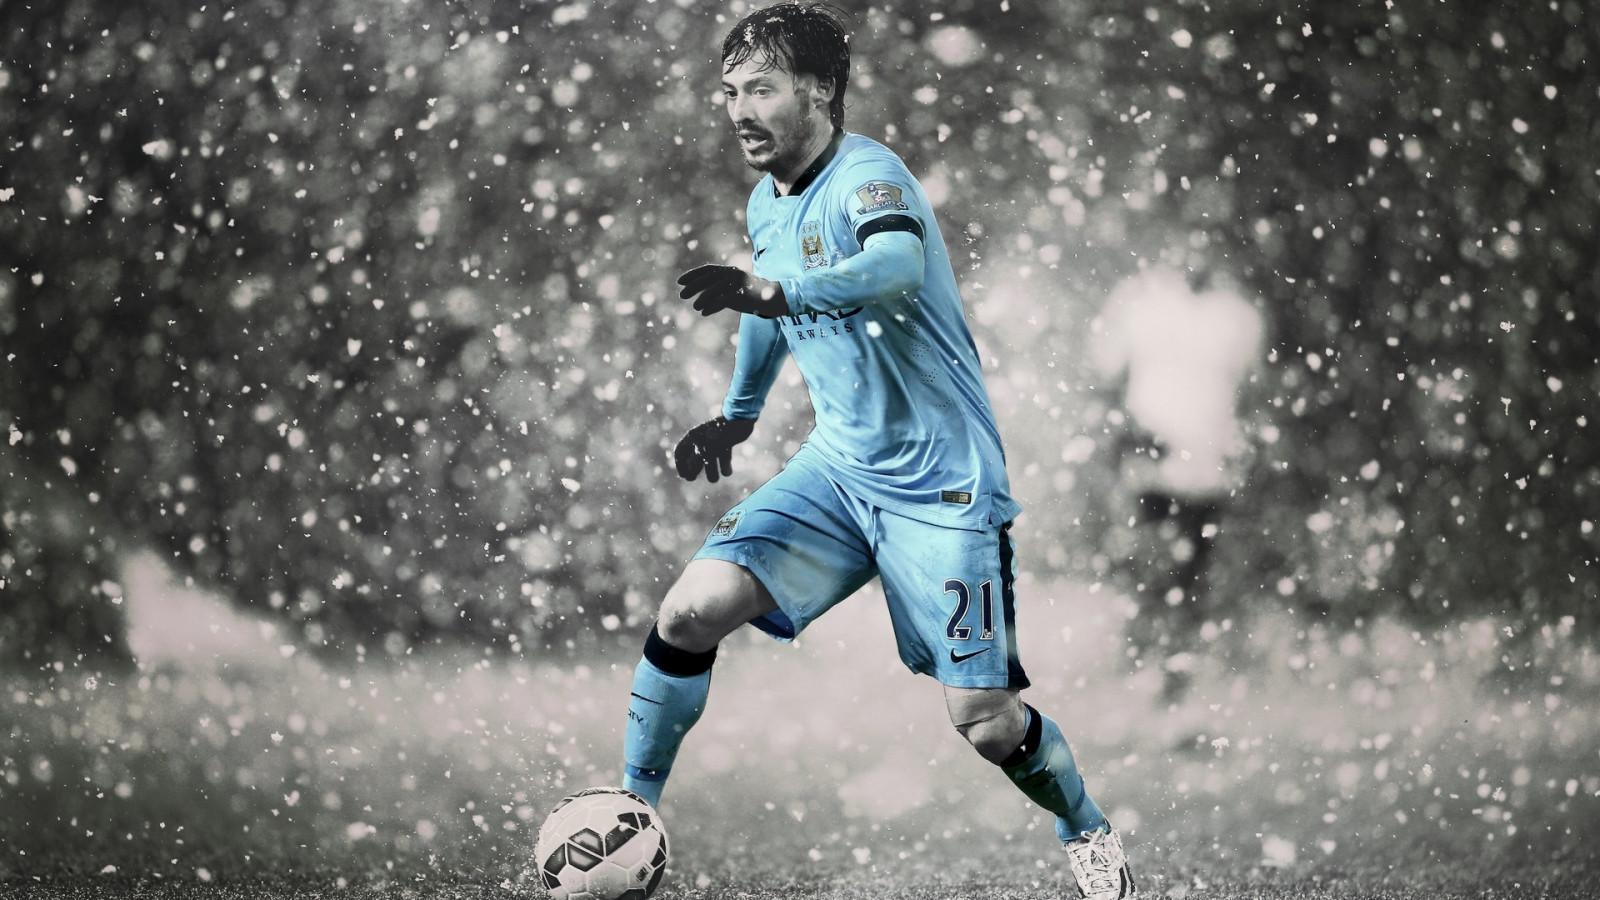 Wallpaper : Sports, Winter, Blue, Soccer, Manchester City